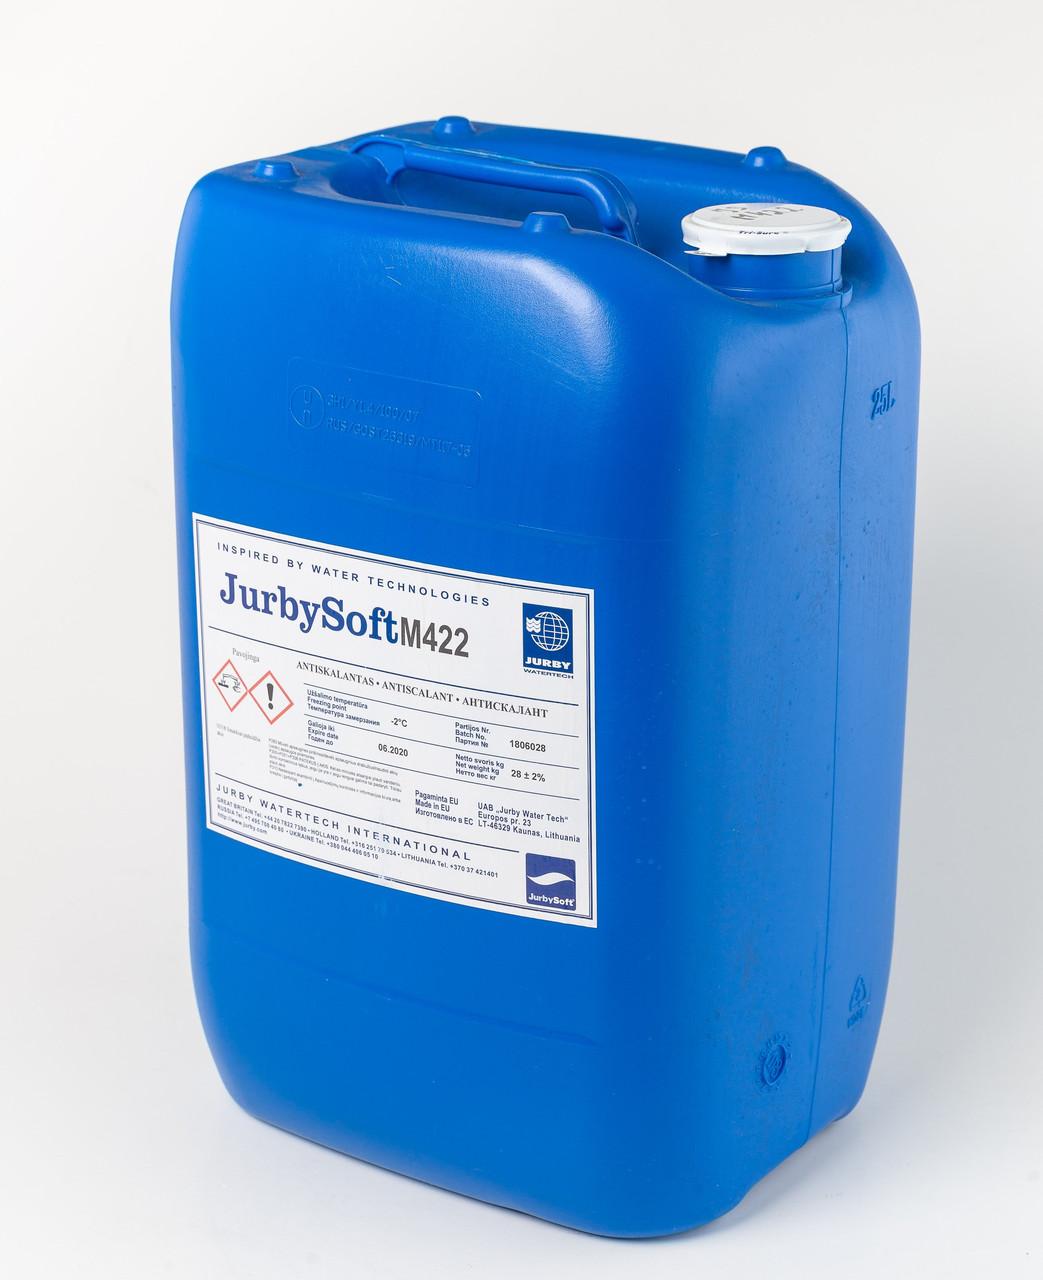 Ингибитор коррозии и накипеобразования JurbySoft 6 (27 кг)